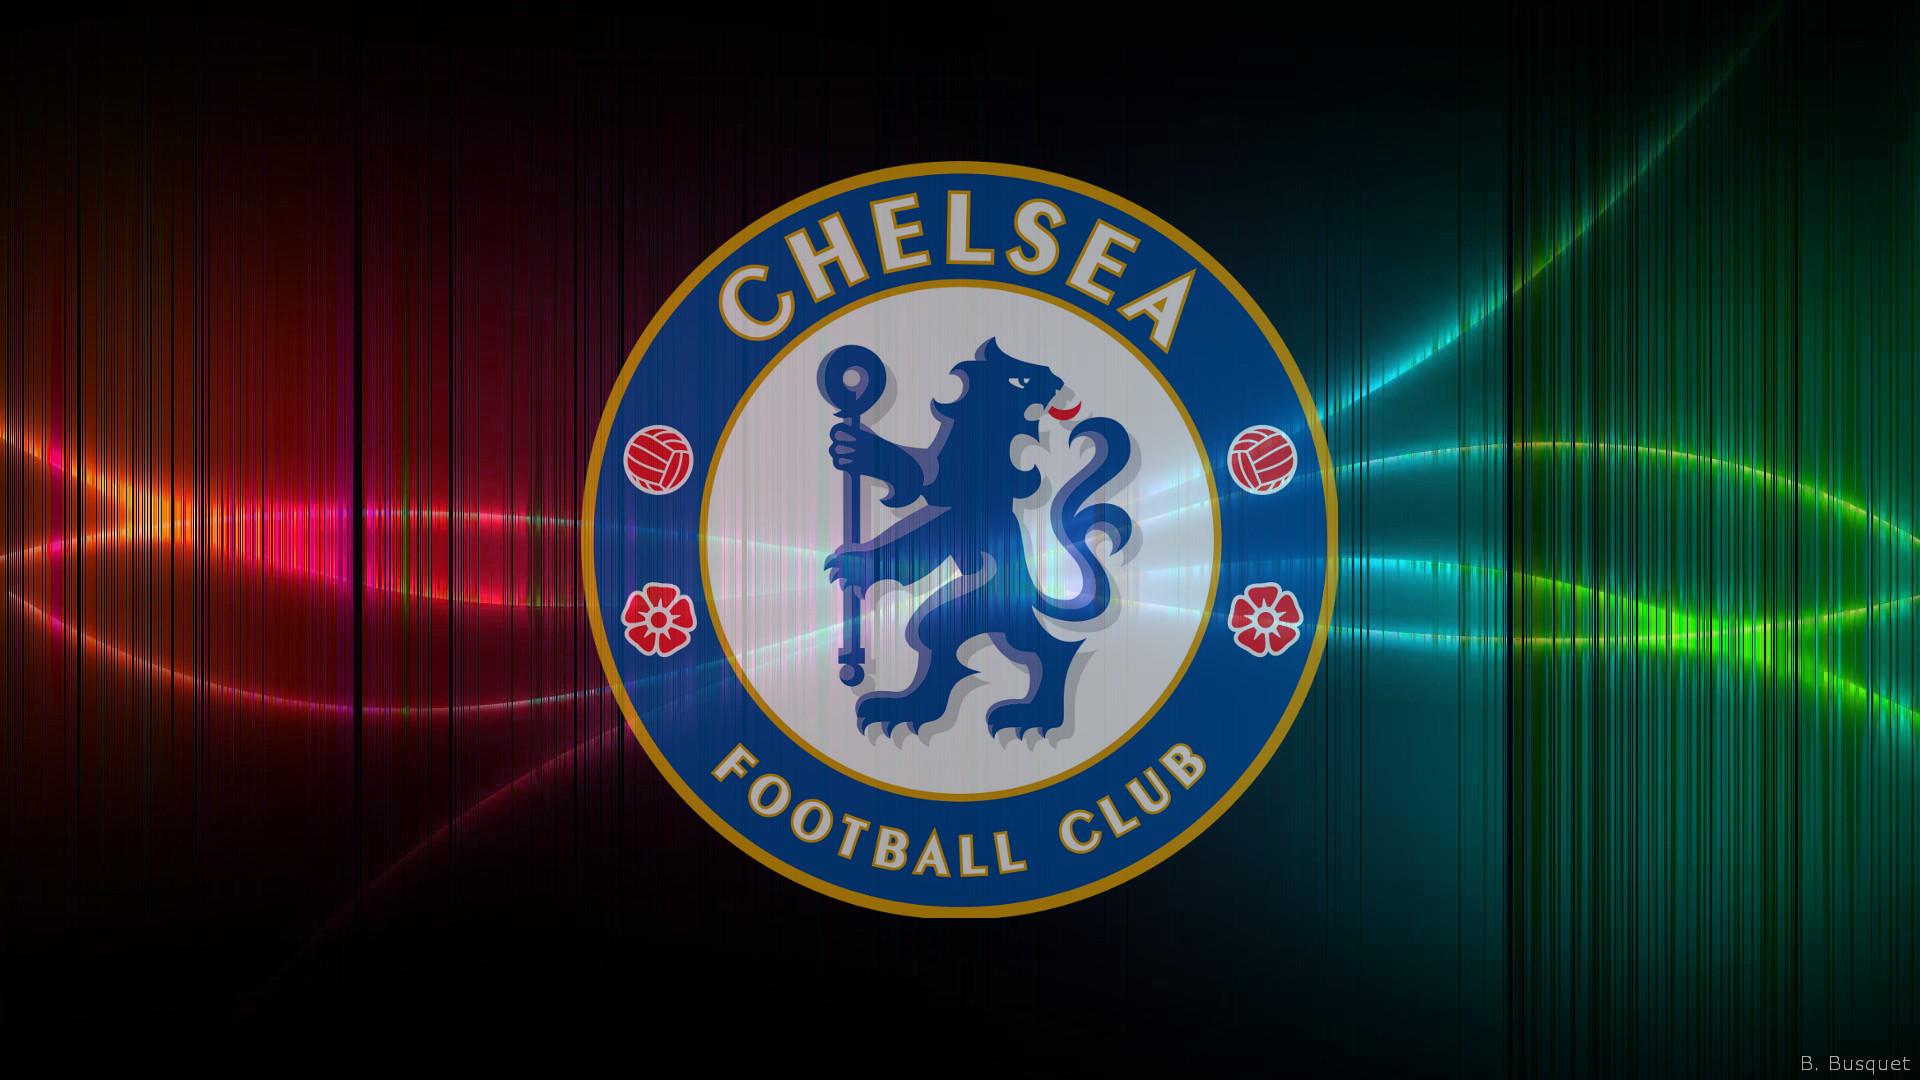 Messi 3d Wallpaper 2017 Lambang Chelsea Wallpaper 2018 69 Images